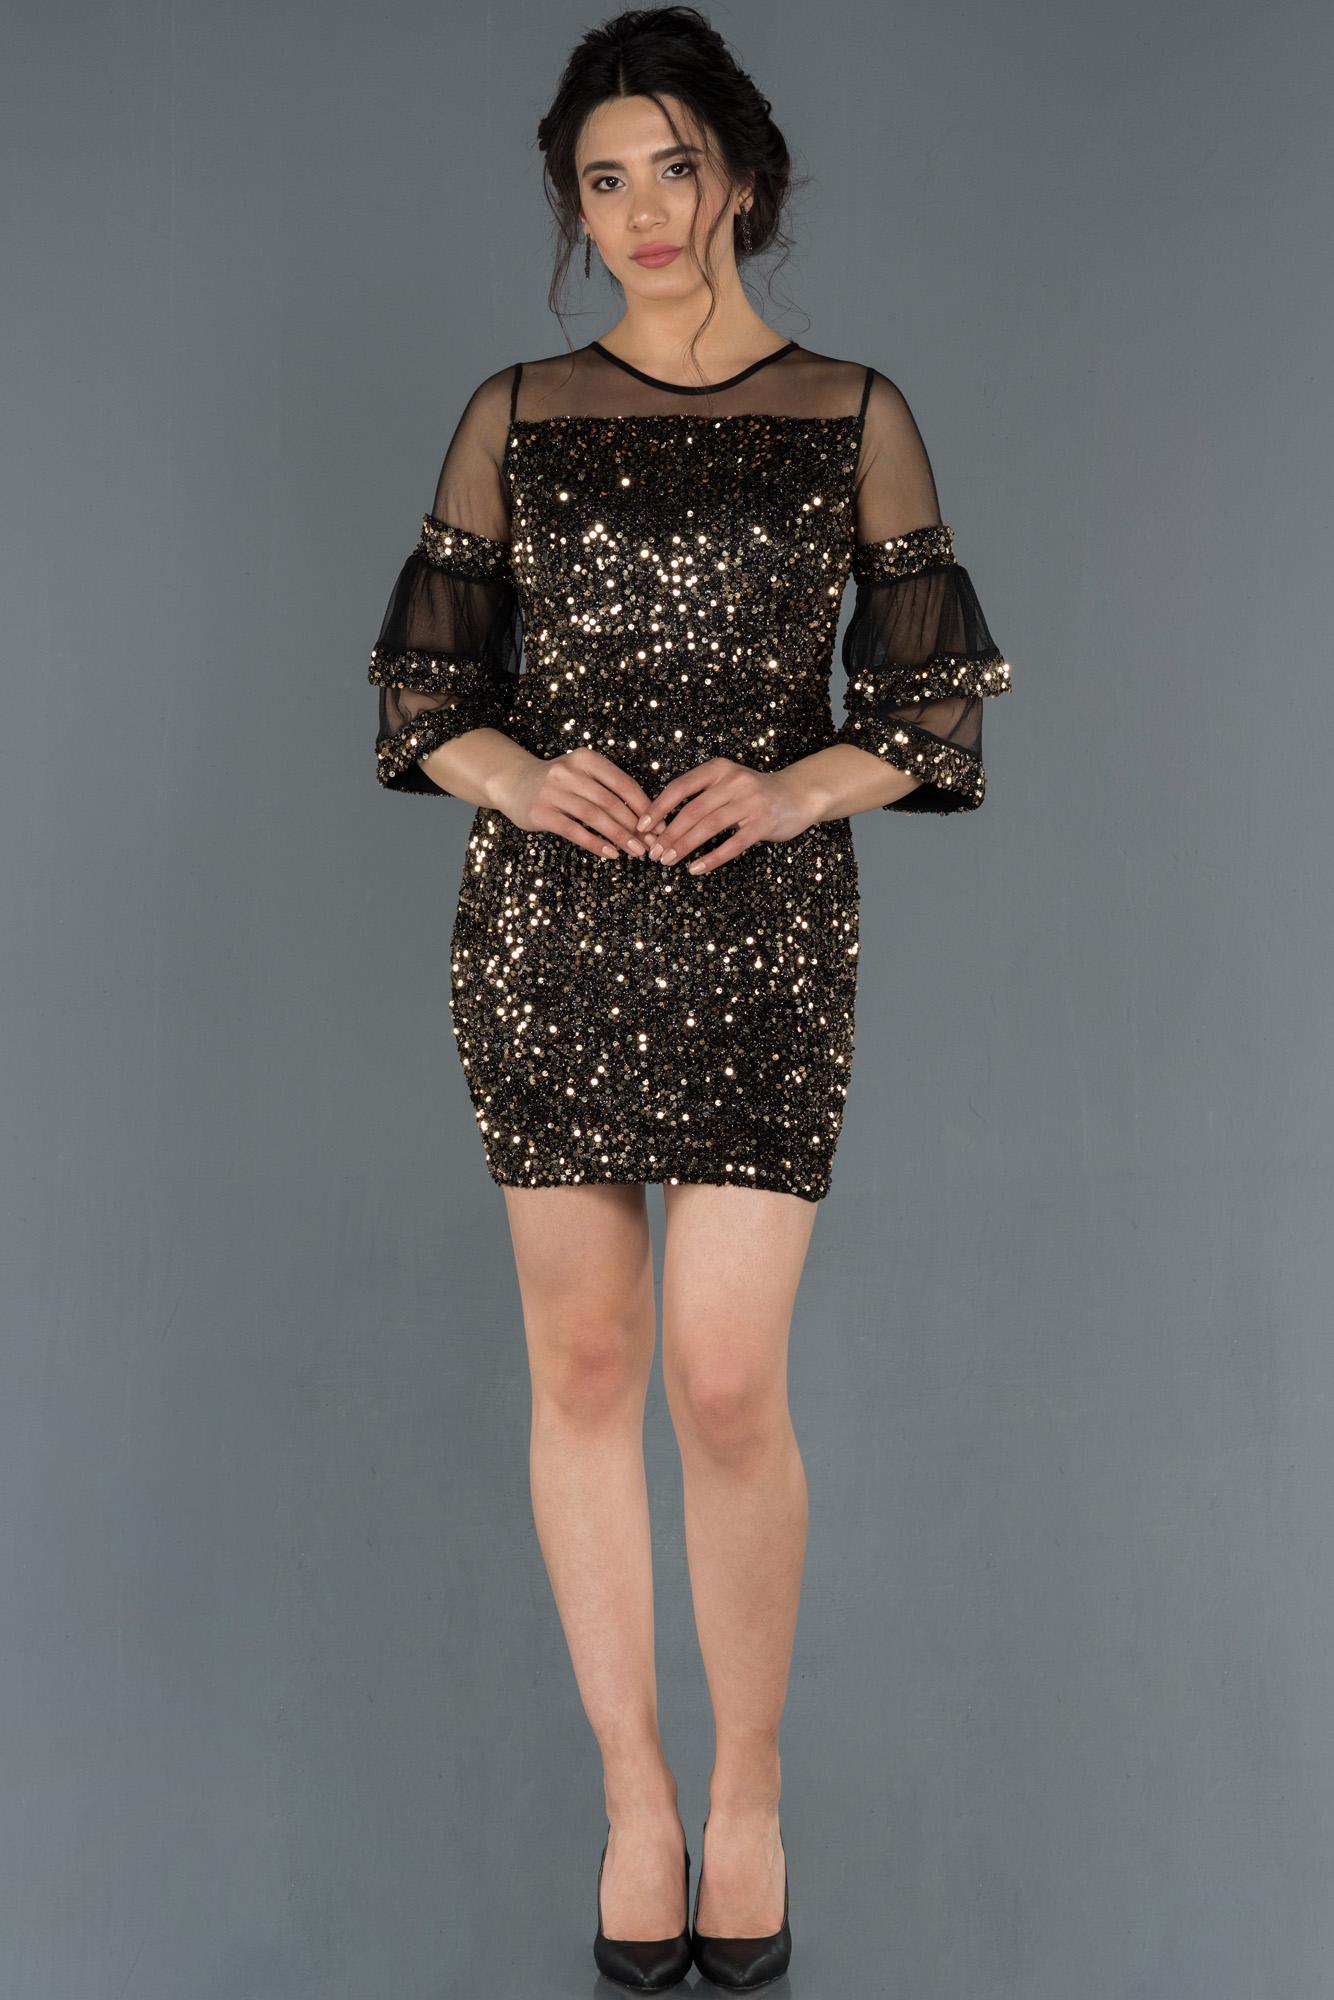 Siyah-Gold Kısa Pullu Davet Elbisesi